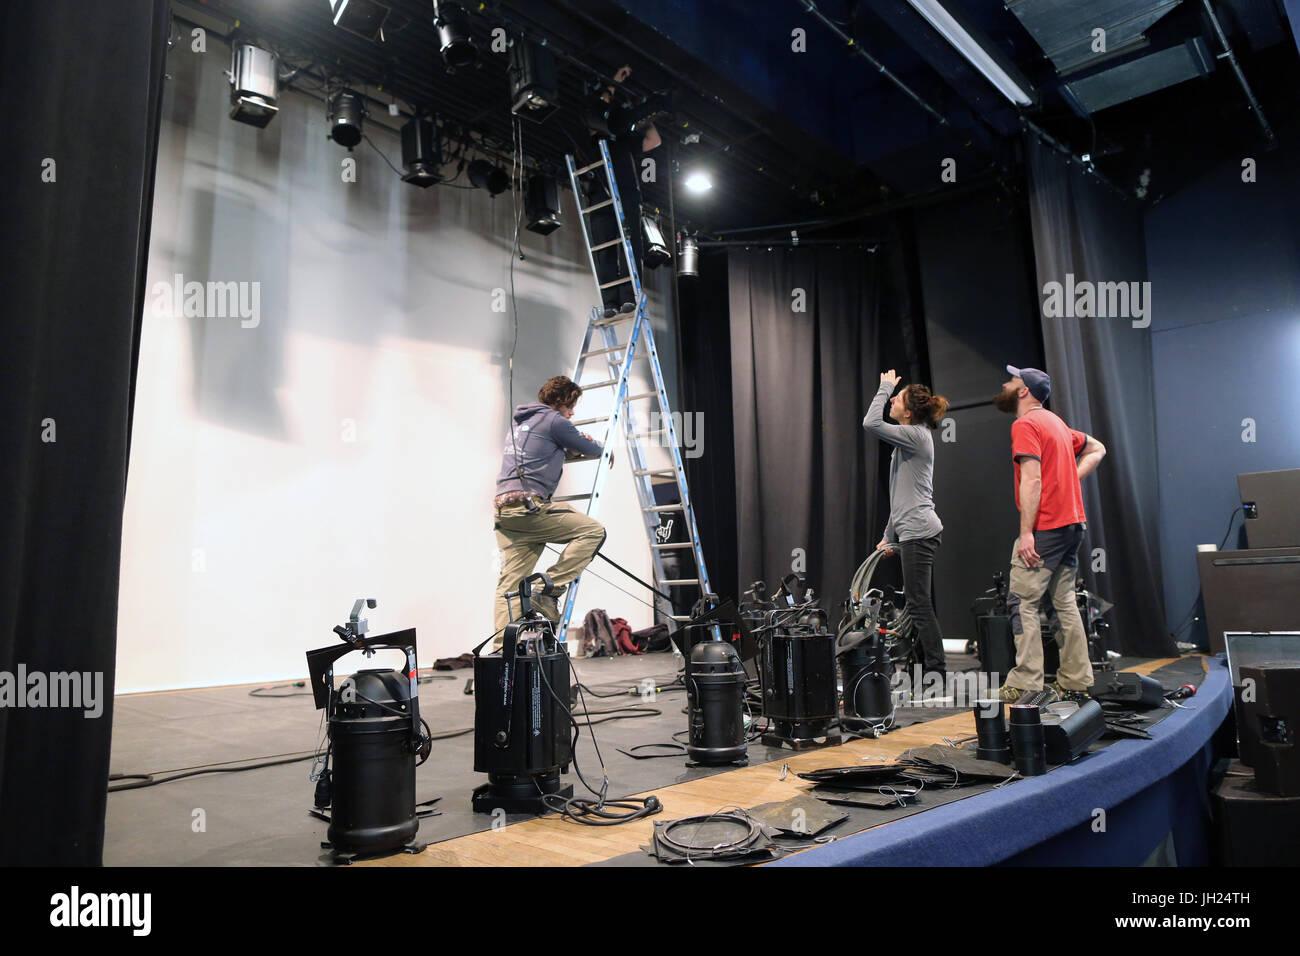 Installation technique dans une salle de spectacle.  France. - Stock Image